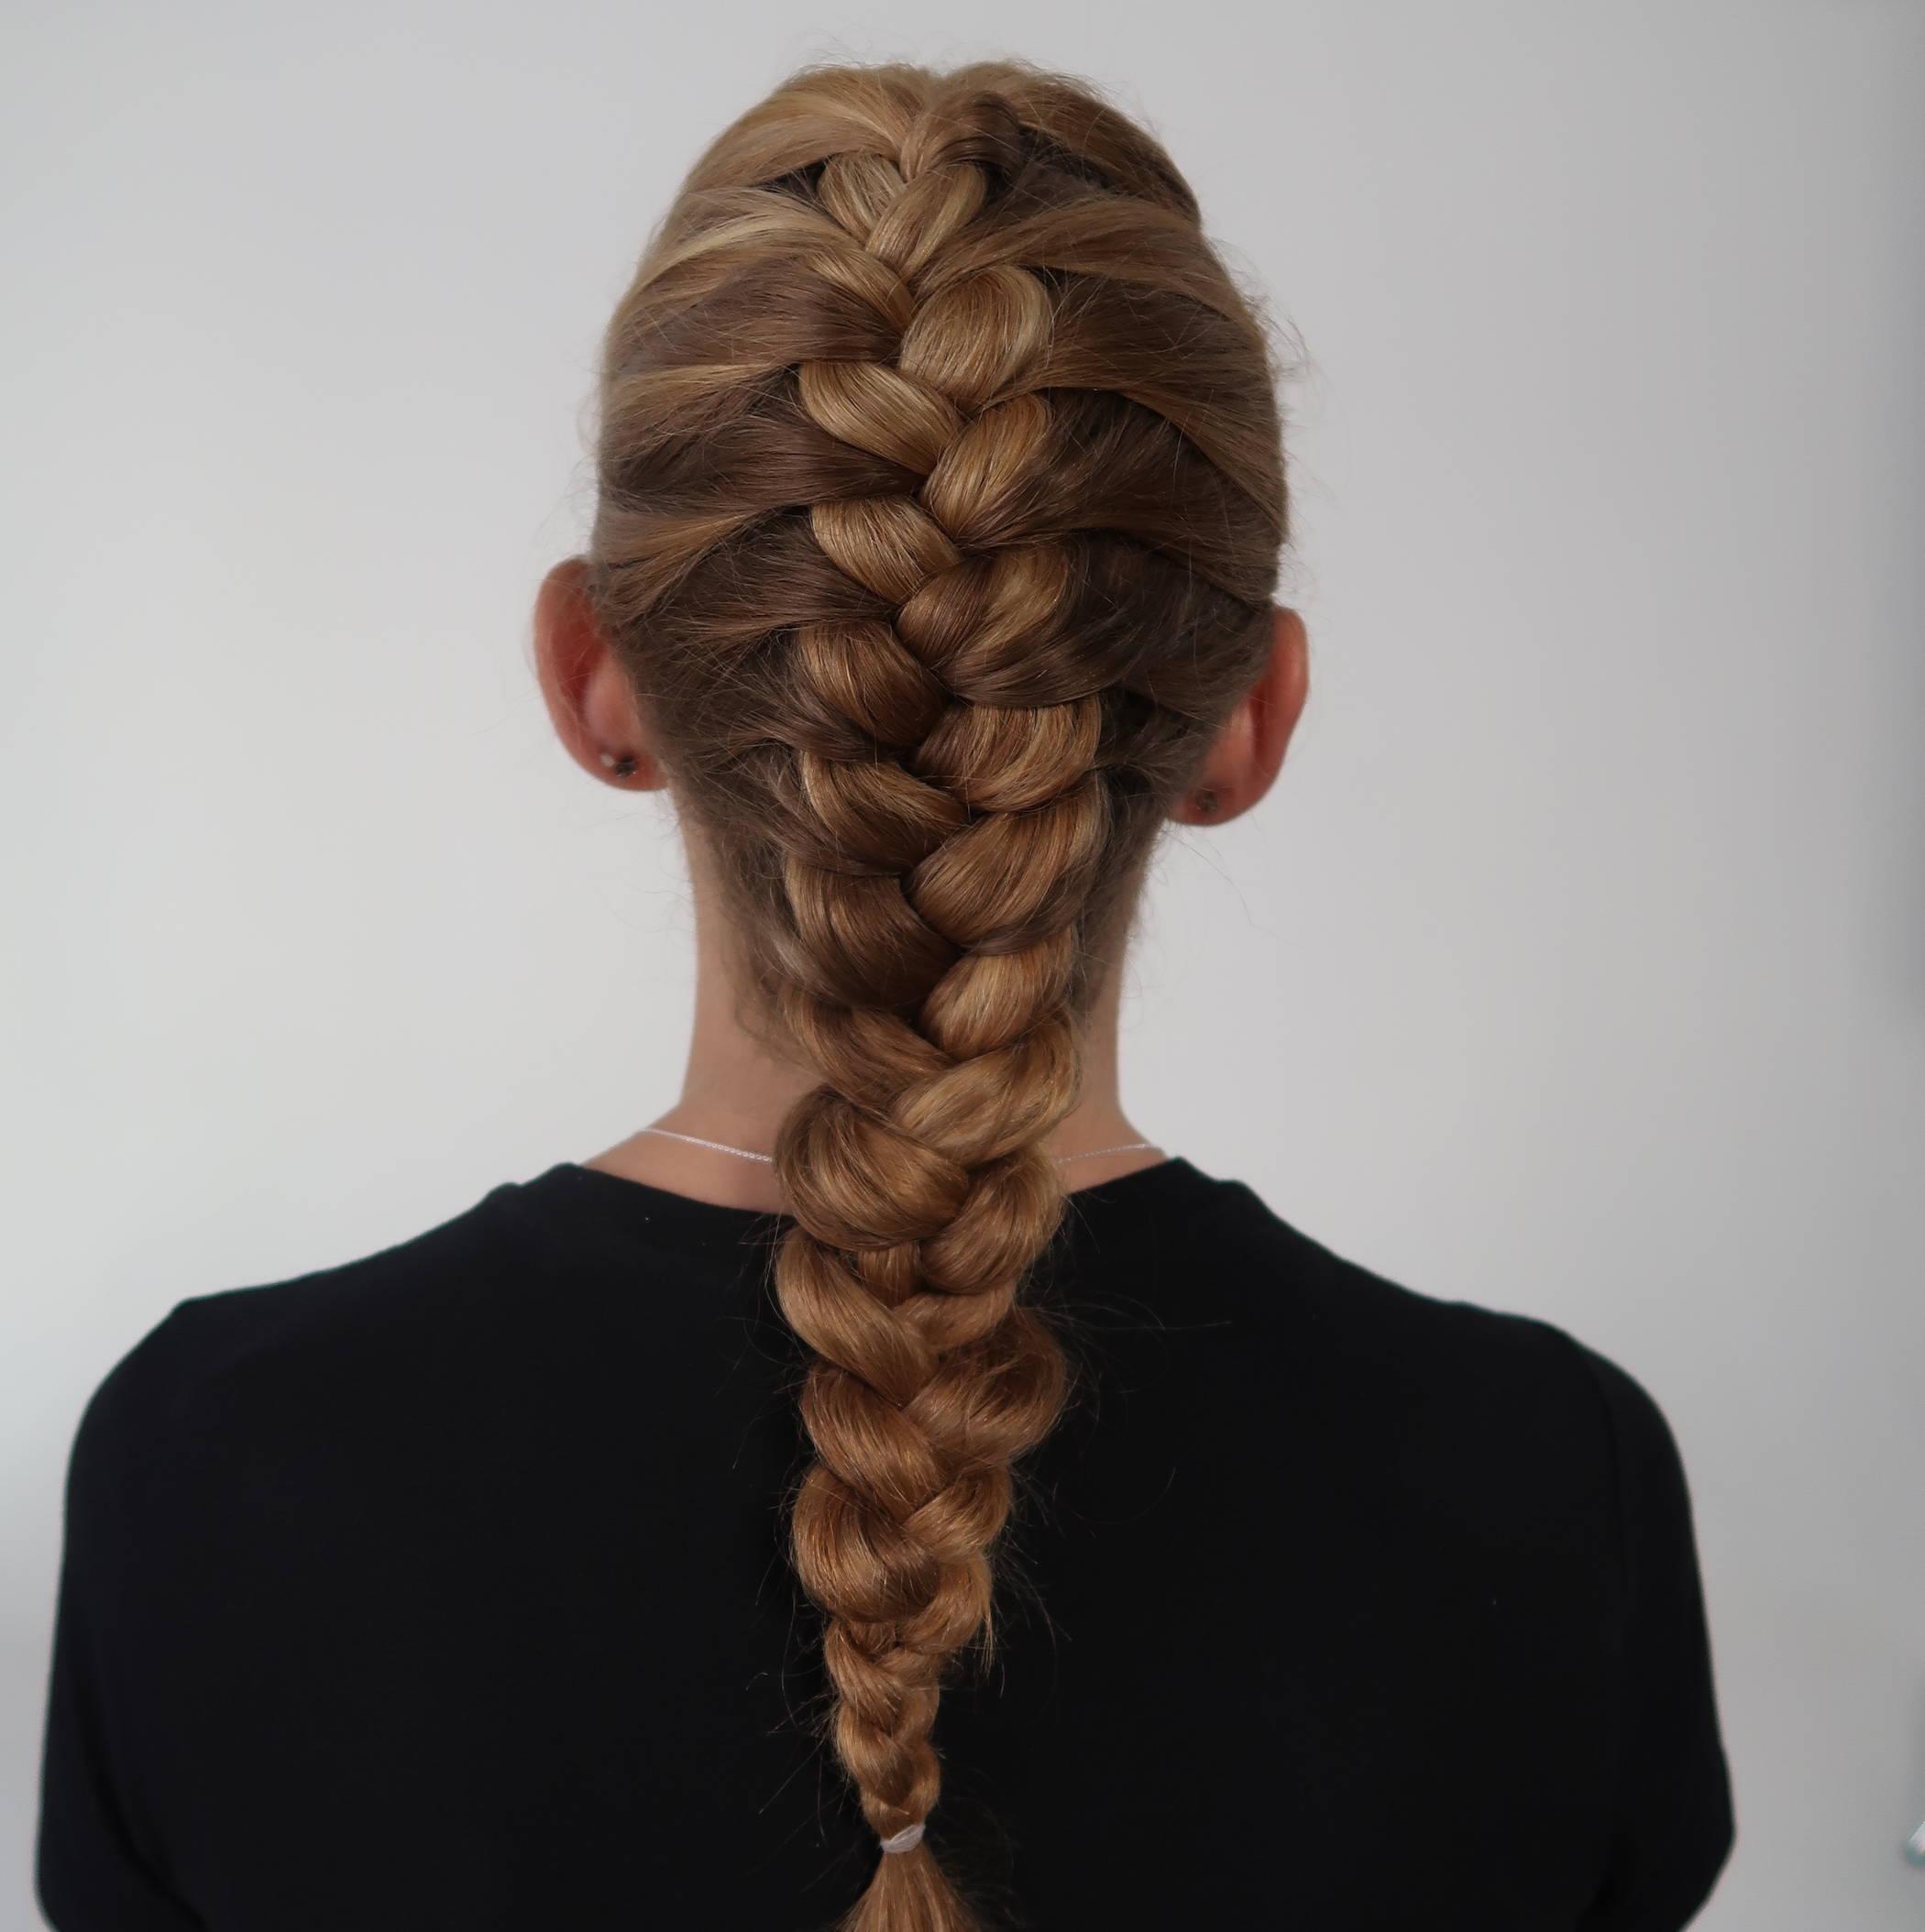 Davines dutch braid hair tutorial